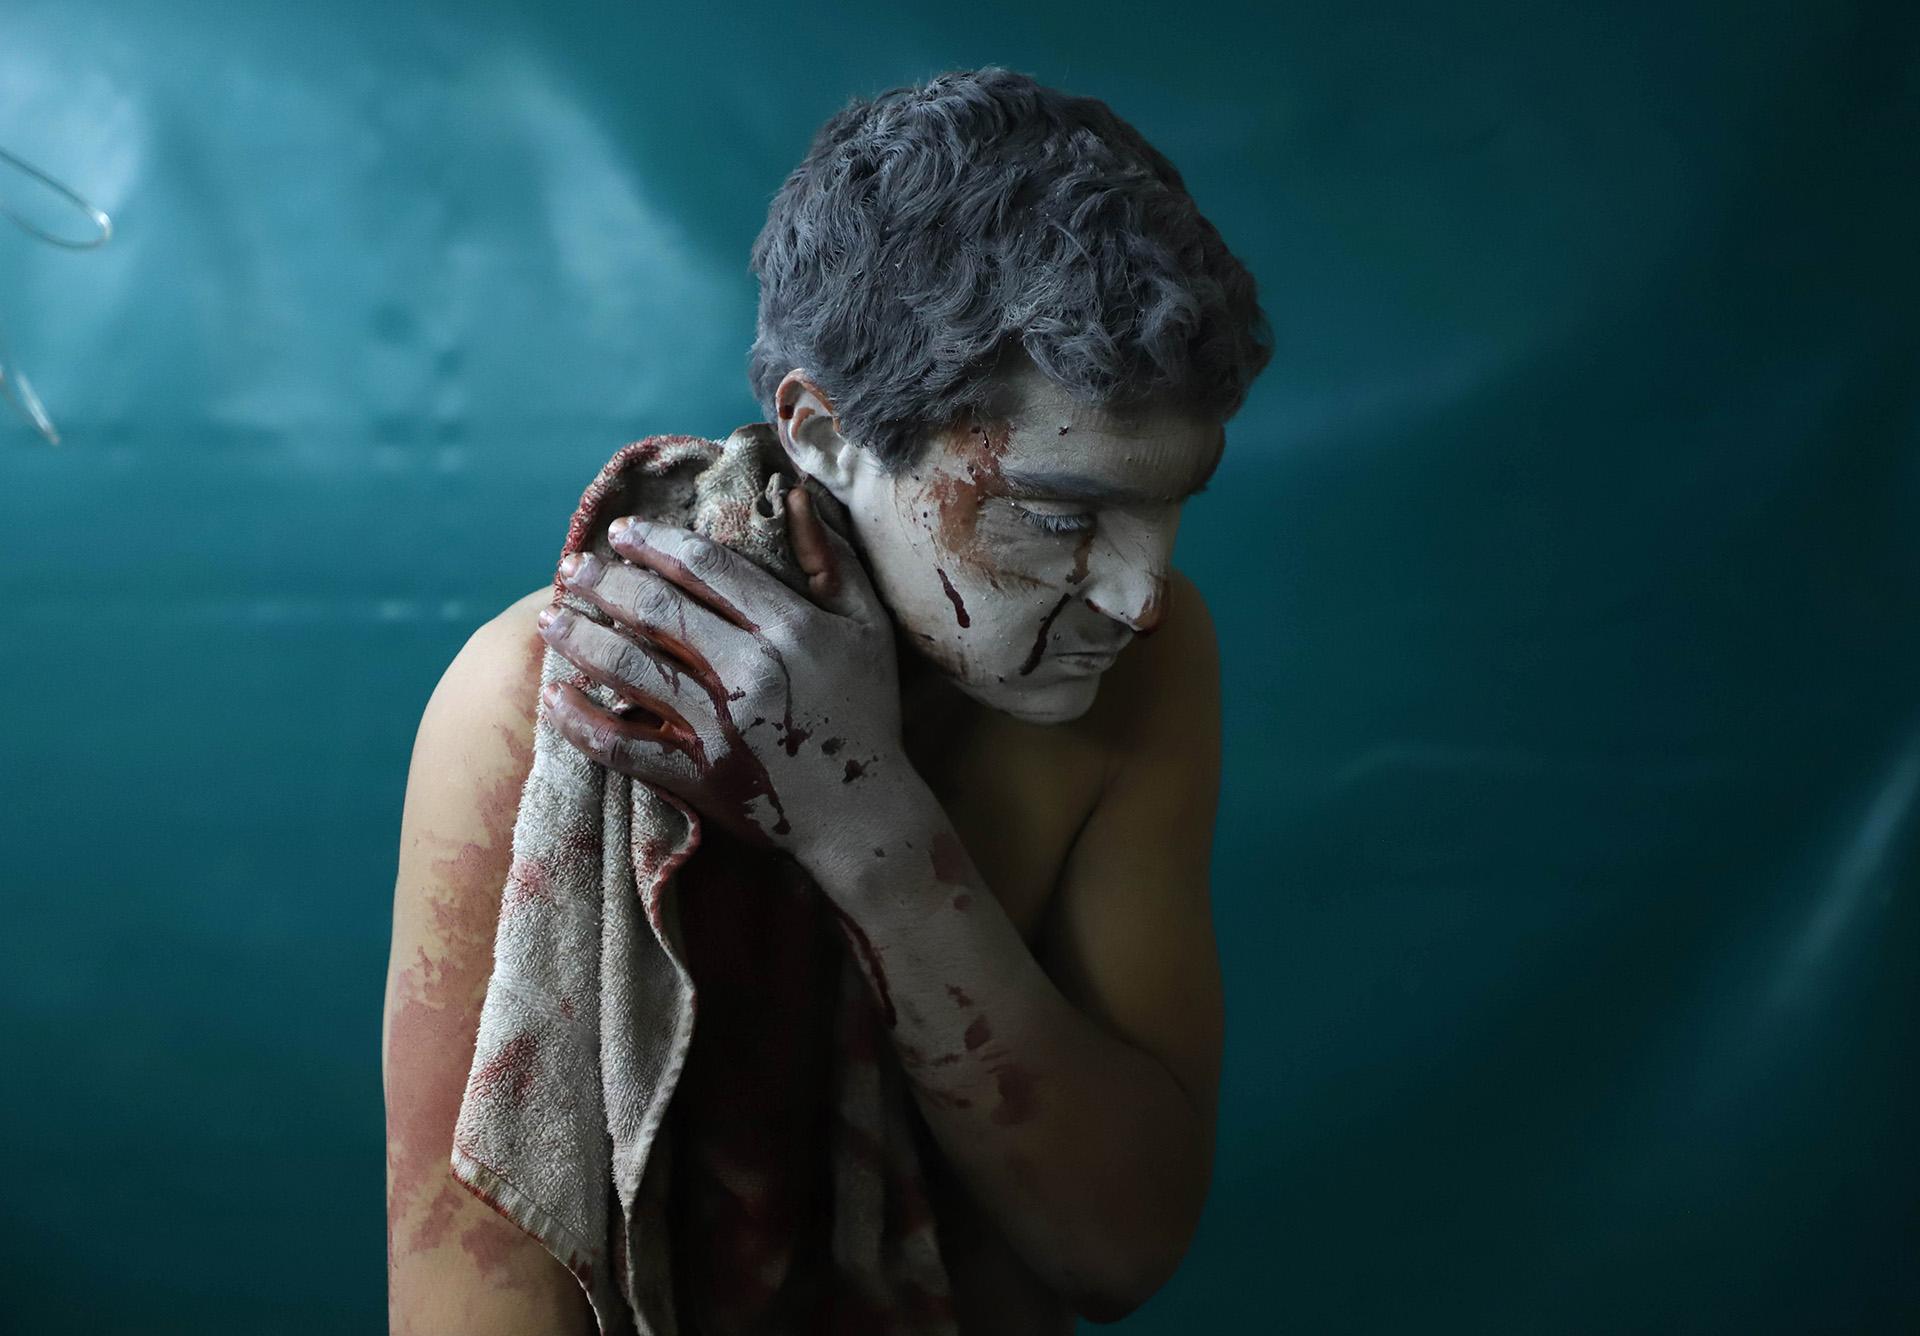 Un herido espera a ser atendido tras un ataque aéreo en Zamalka, en el enclave rebelde de Guta Oriental, en Siria, el 13 de marzo (AMER ALMOHIBANY / AFP)